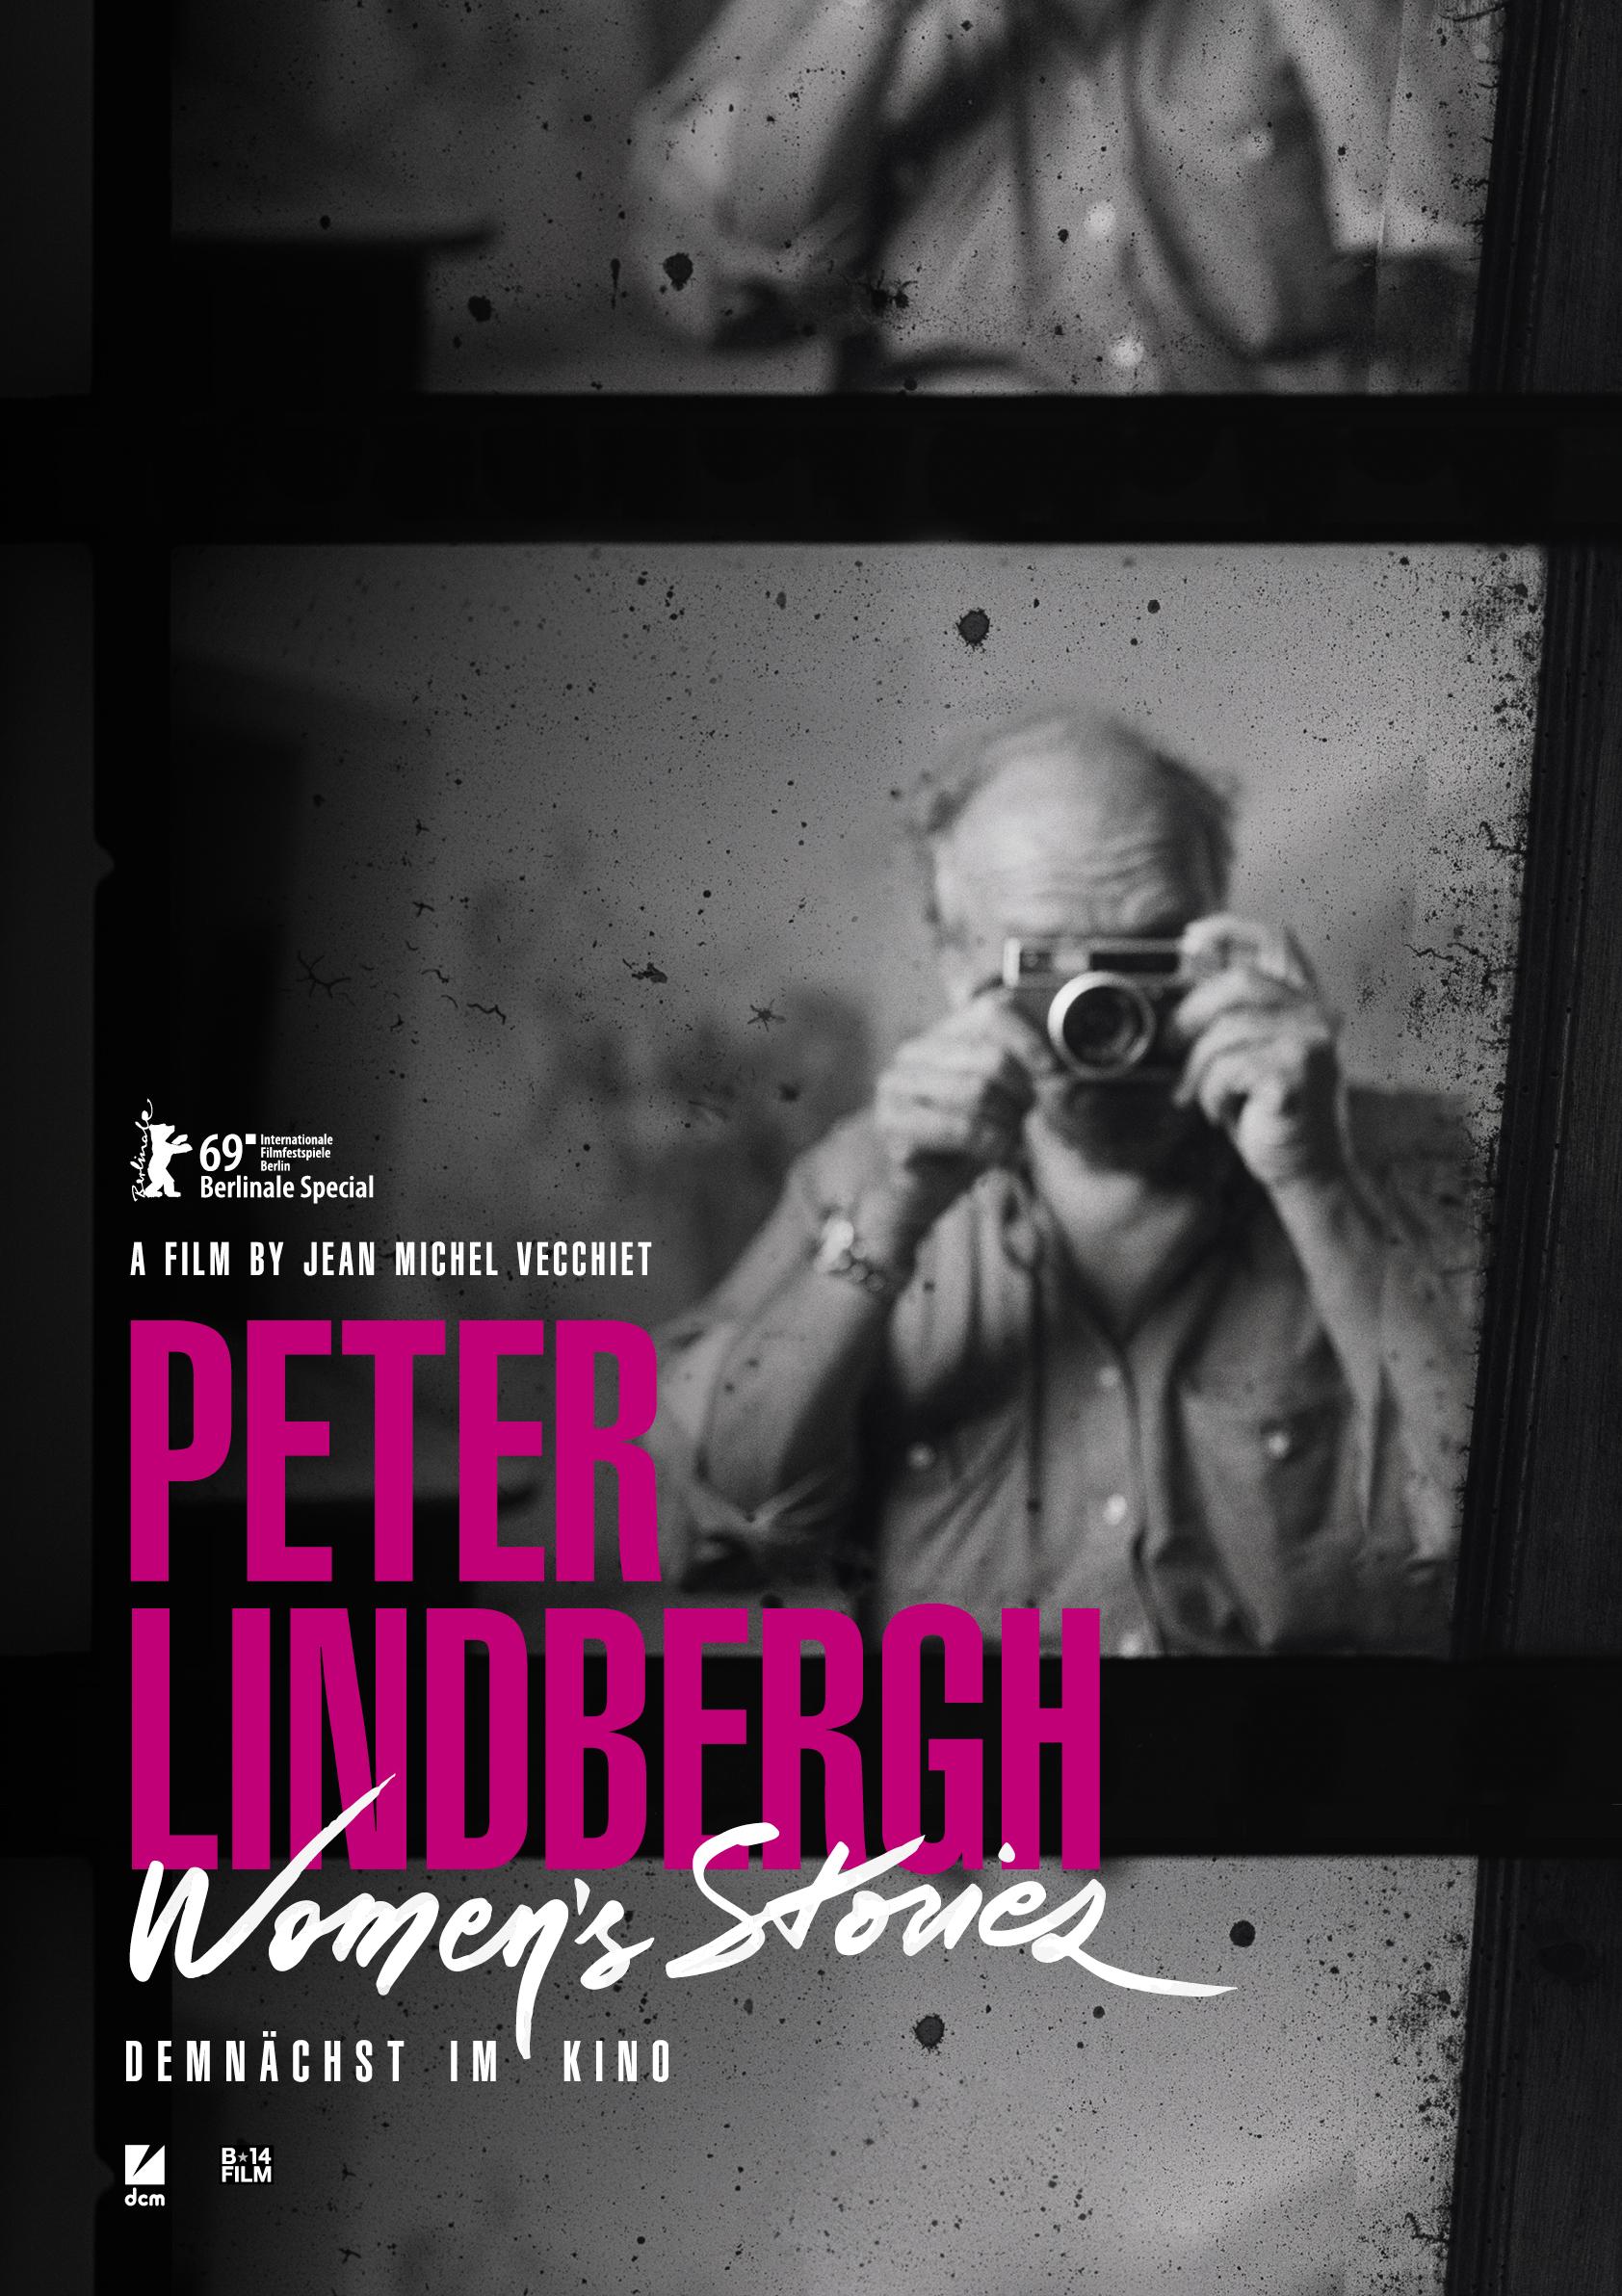 Die besten Fashion Dokus aller Zeiten: Peter Lindbergh - Women's Stories